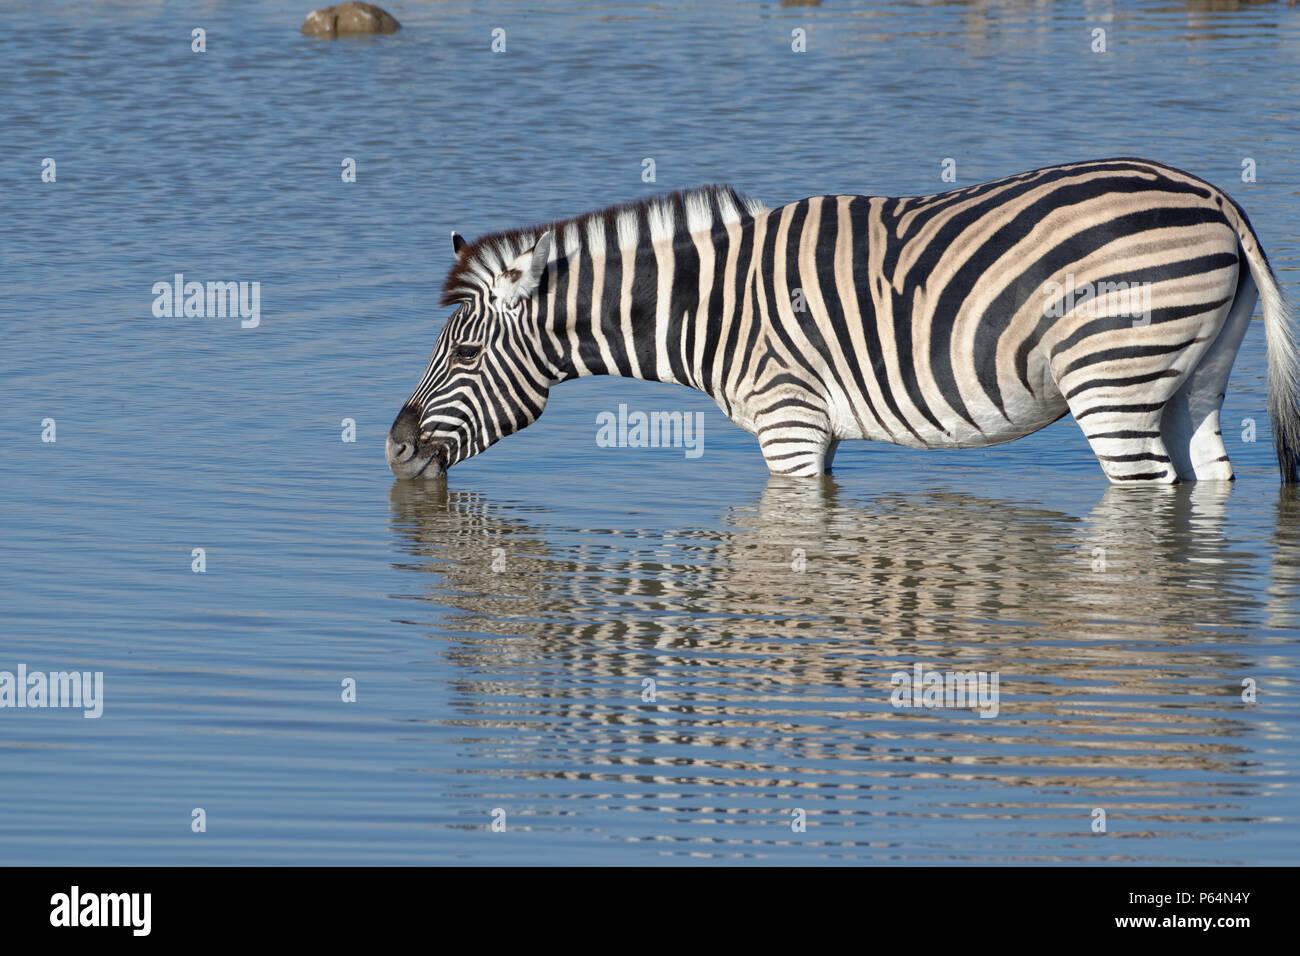 Le zèbre de Burchell (Equus quagga burchellii), debout dans l'eau, boire, point d'Okaukuejo, Etosha National Park, Namibie, Afrique Photo Stock